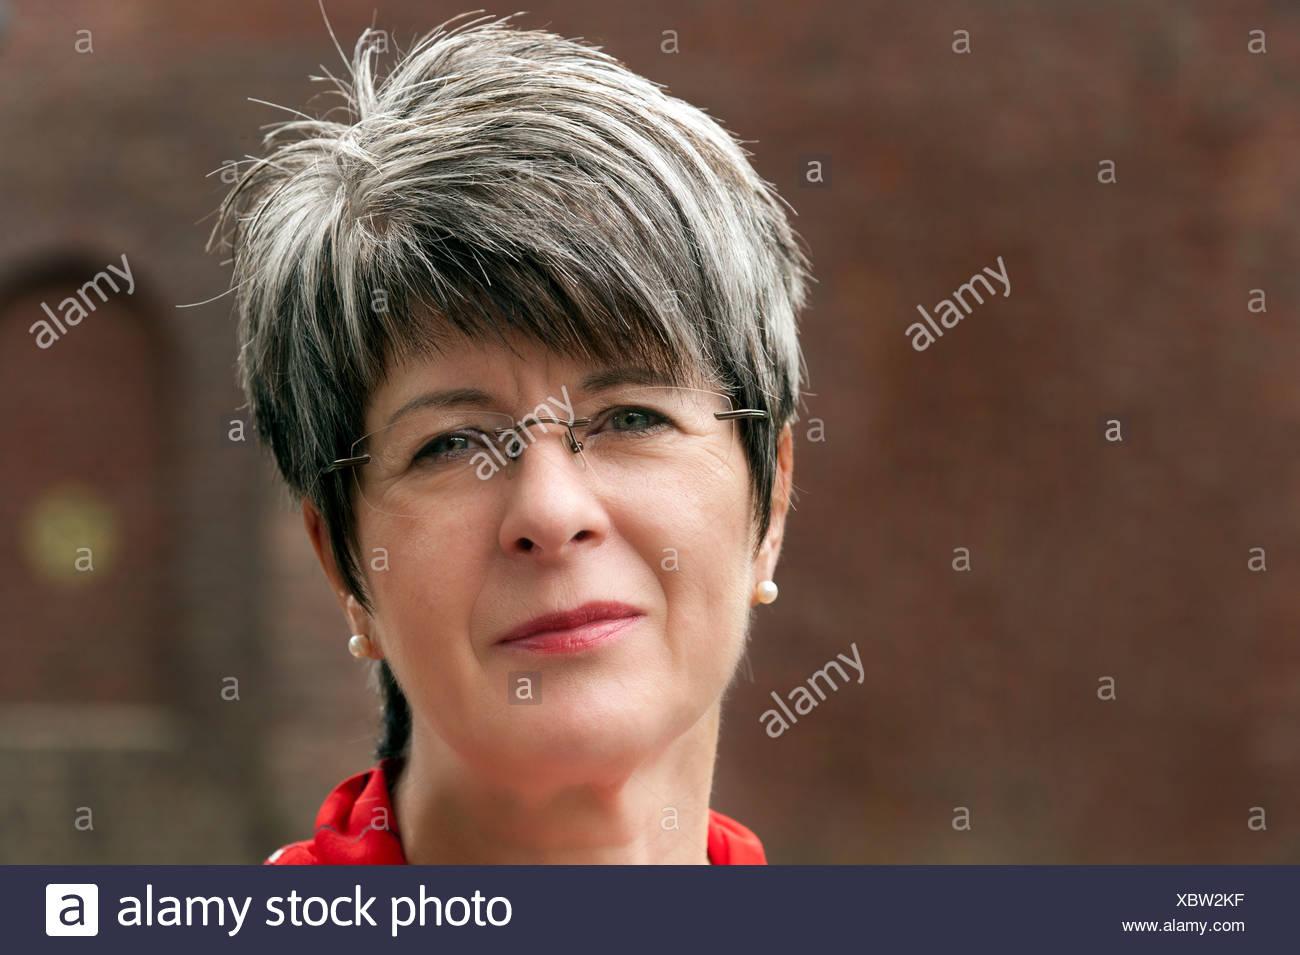 Frau 50 Mit Kurzen Grauen Haaren Und Brille Porträt Stockfoto